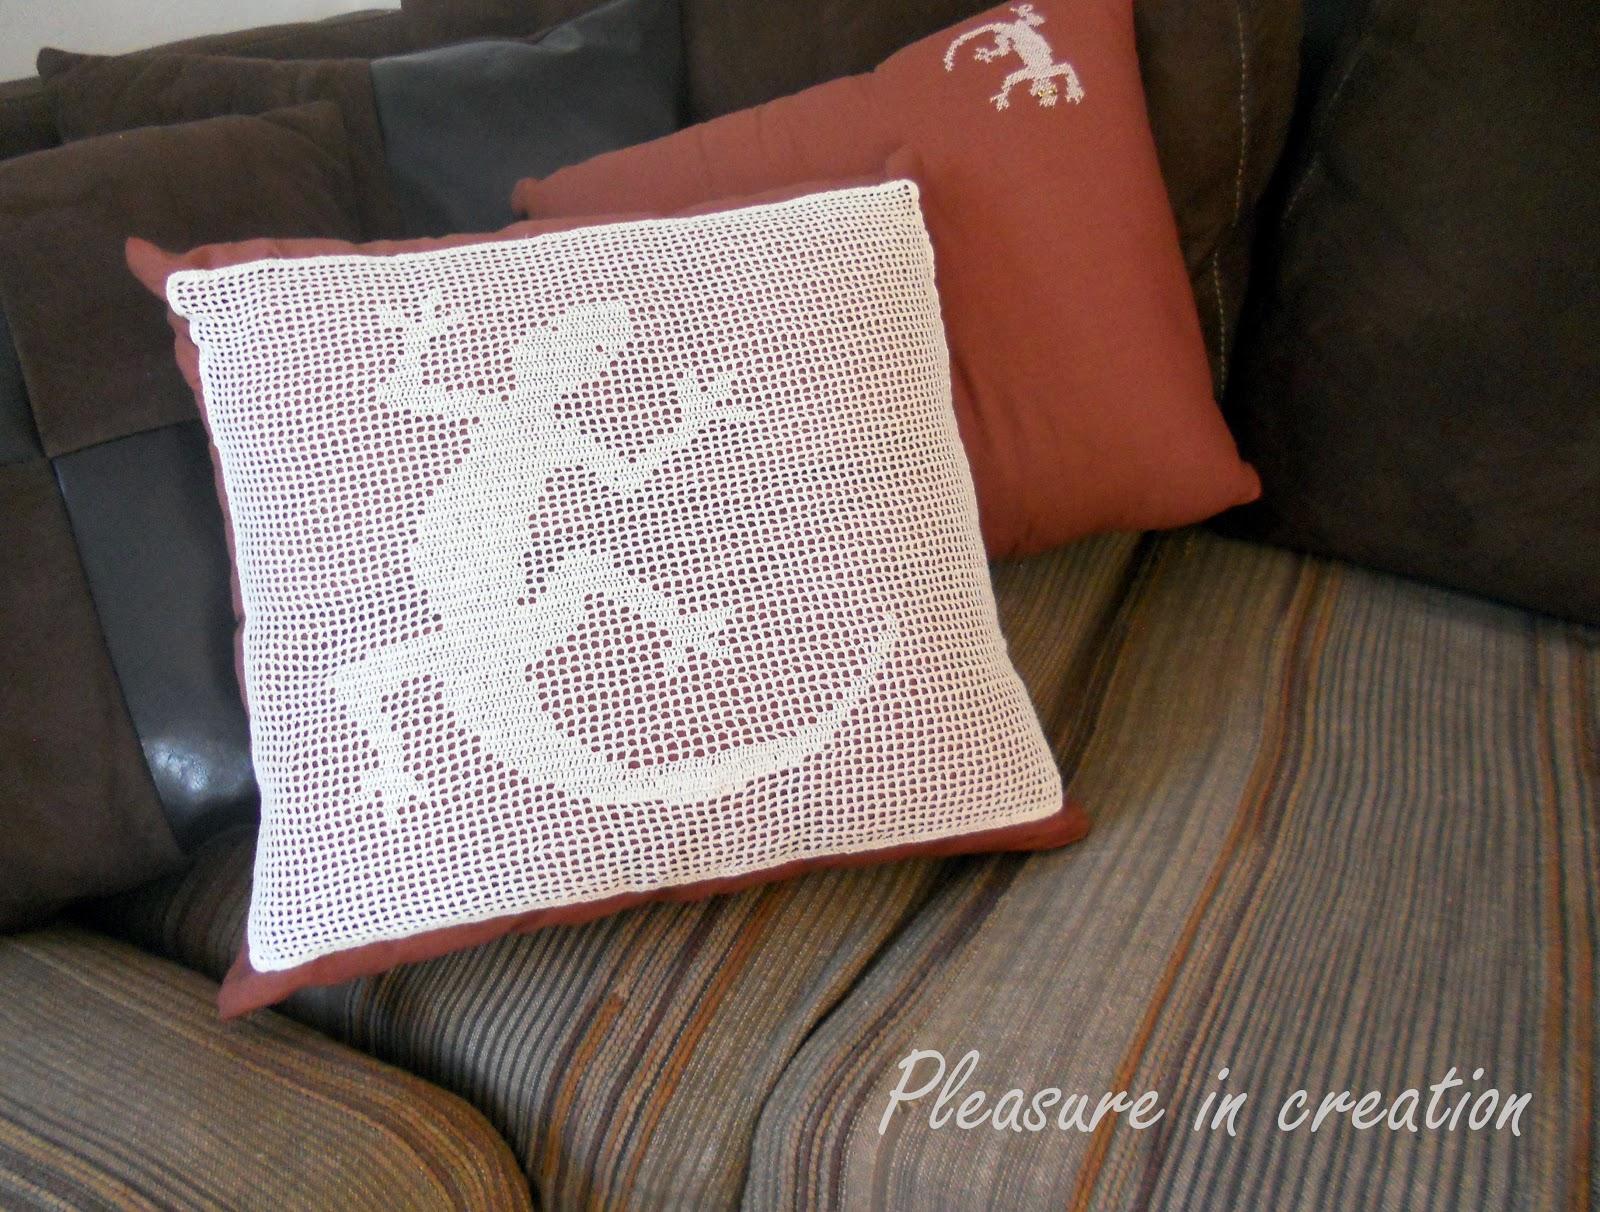 Pleasure in creation: Lizard pillows